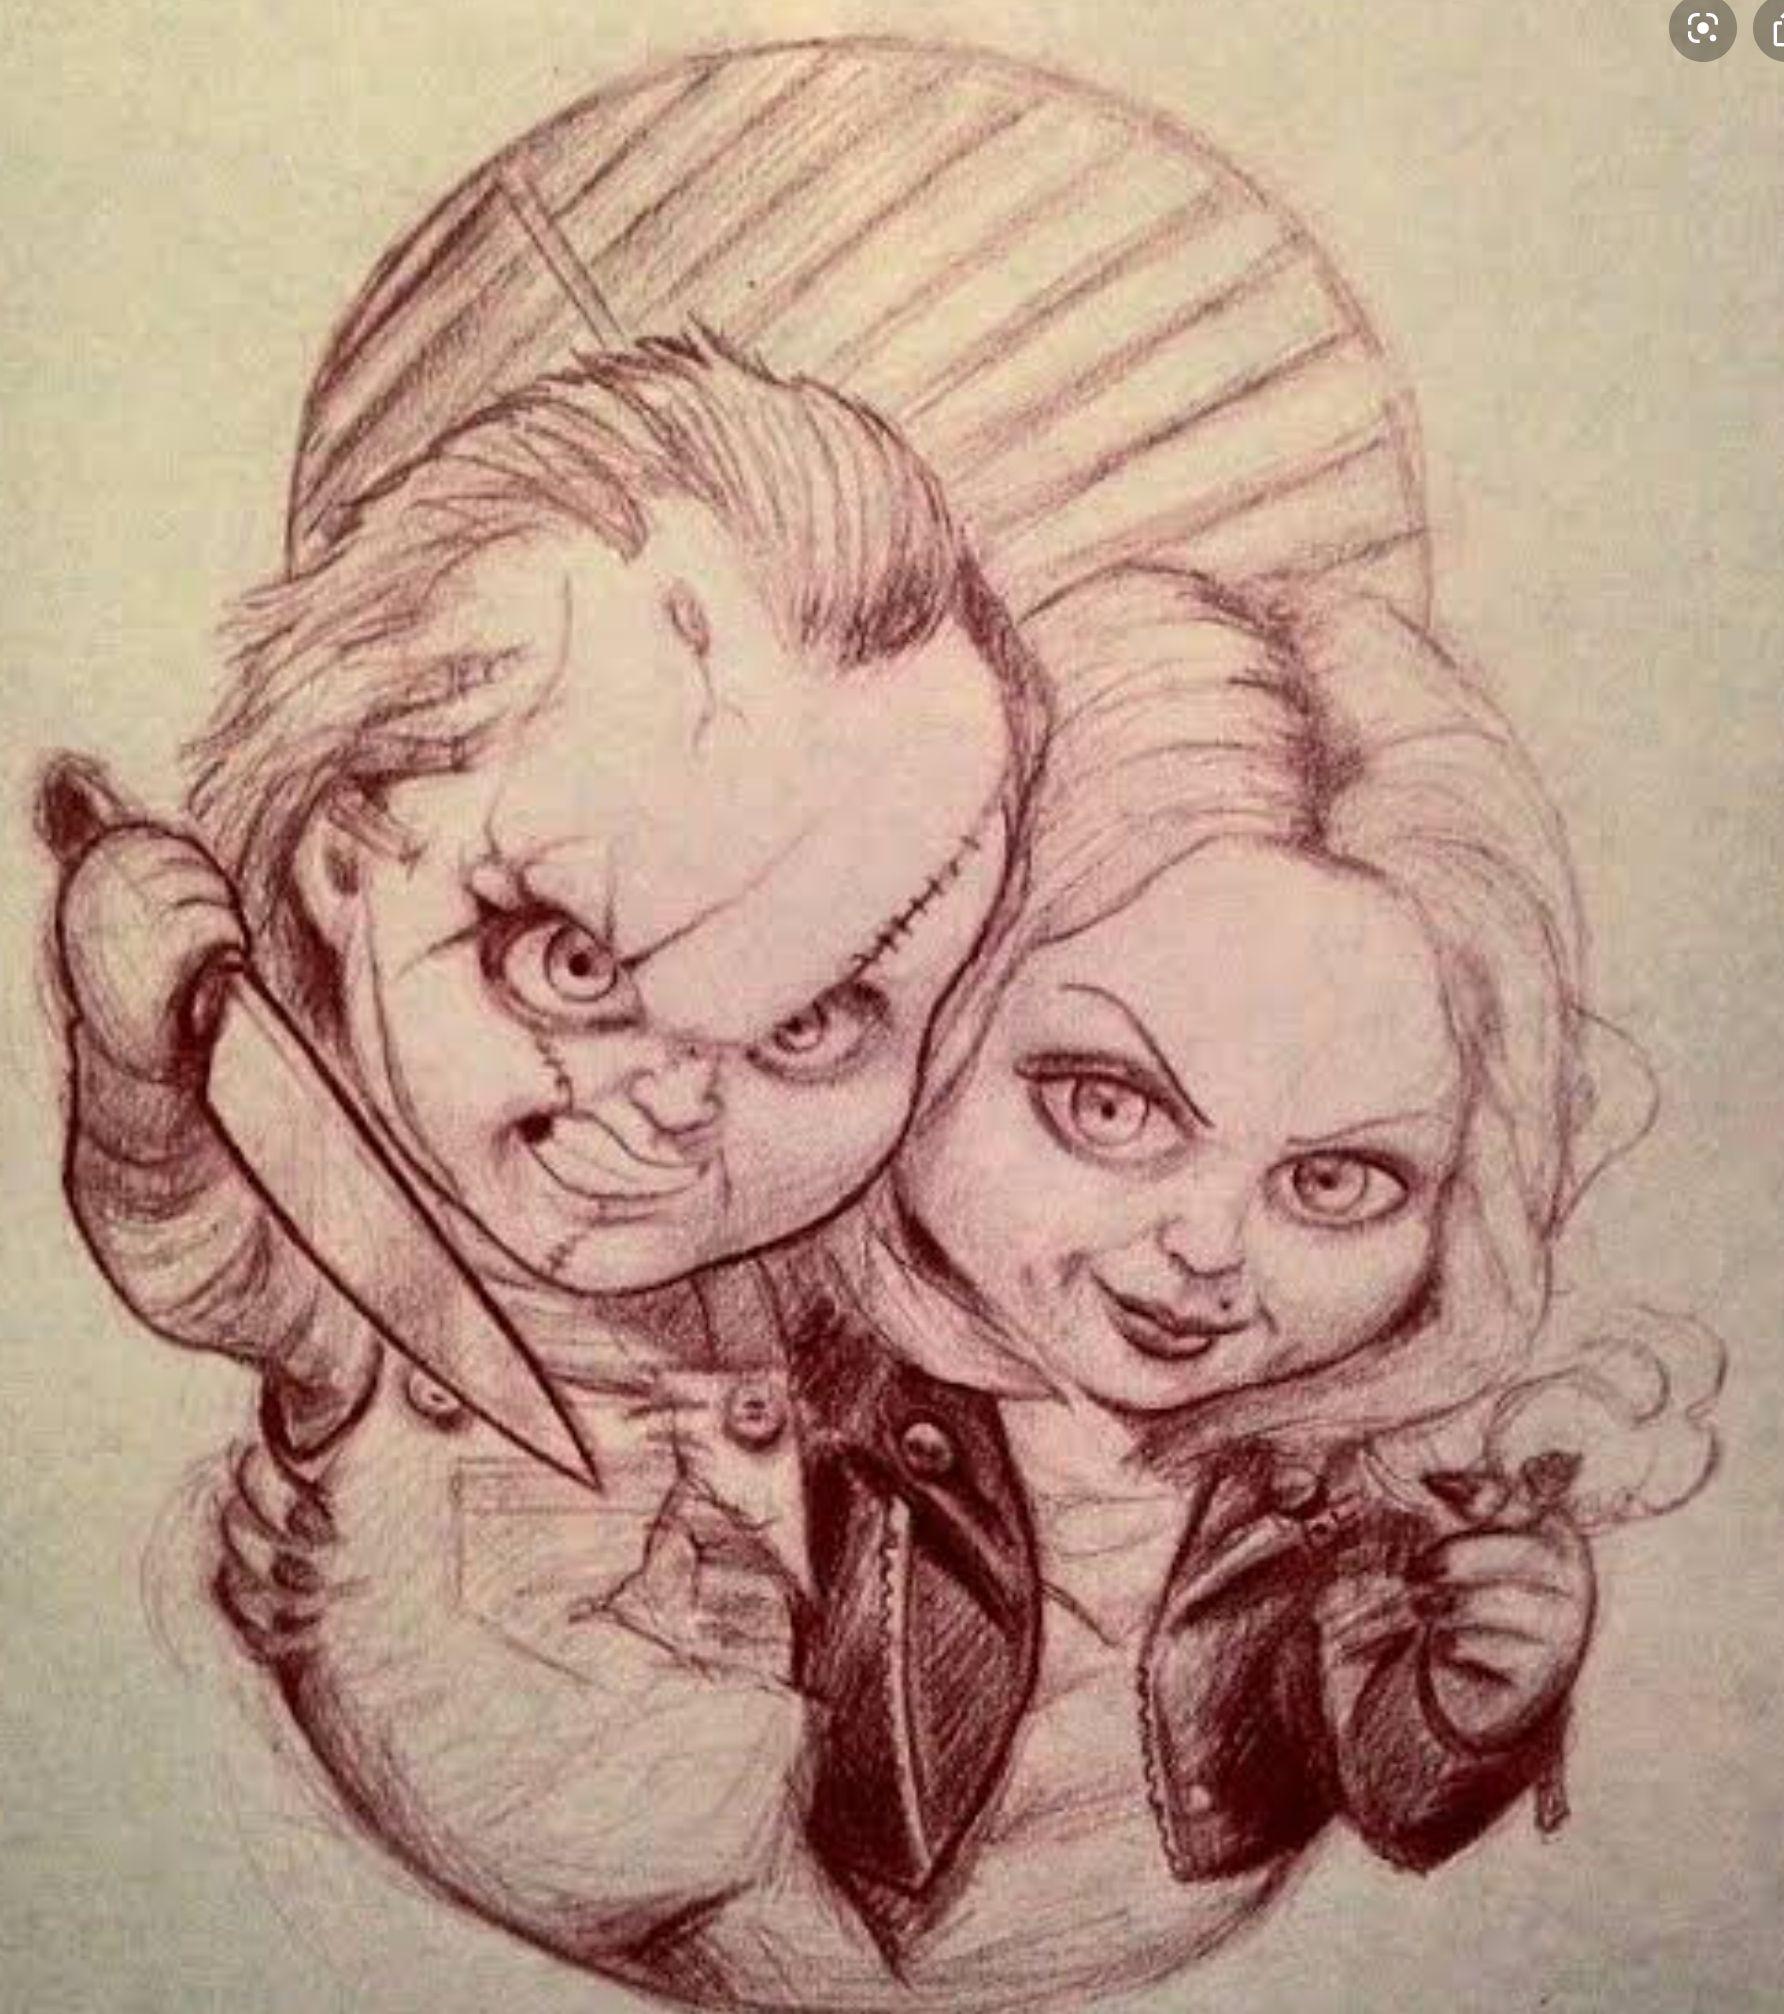 Pin By ĝacĥa ĺĕō On Blue Sky Clouds Sketches Chucky Drawing Tattoo Art Drawings